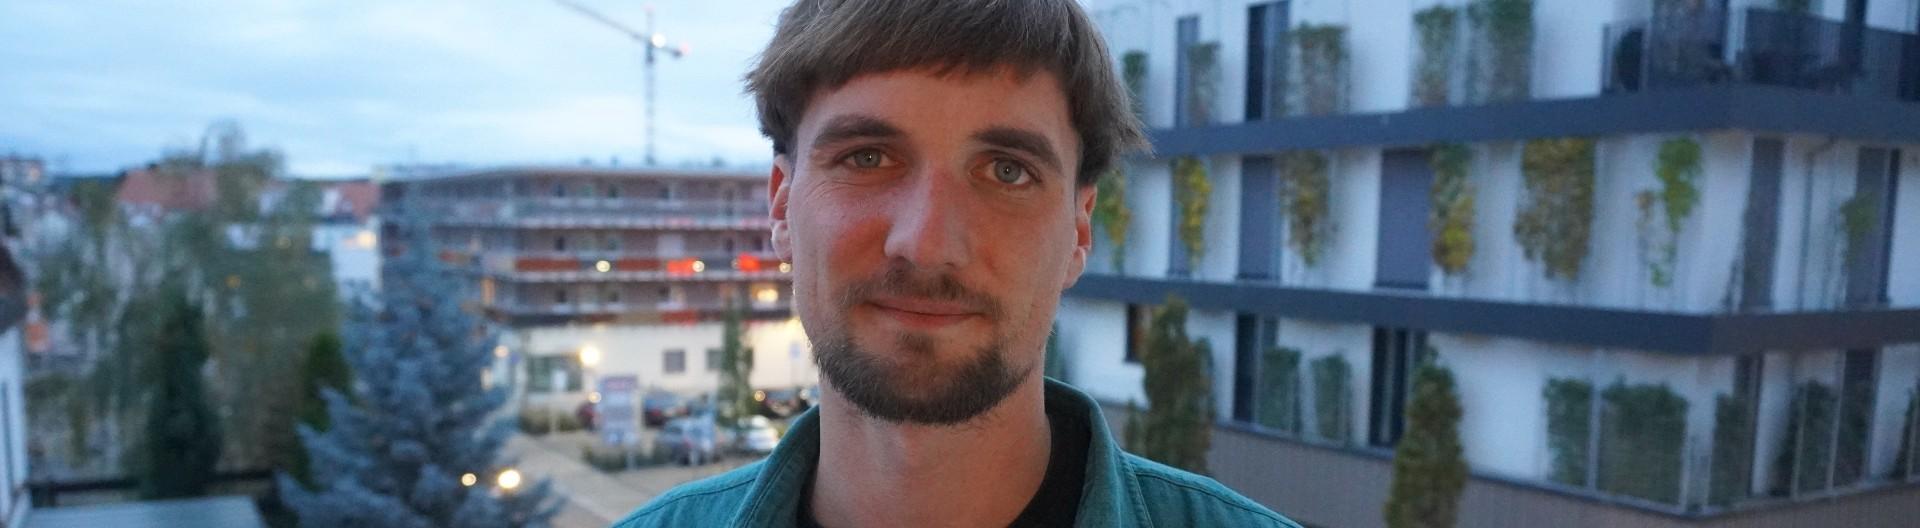 Der Politikwissenschaftler Lukas Hohendorf hat zur Sperrstunde in Bayern geforscht.